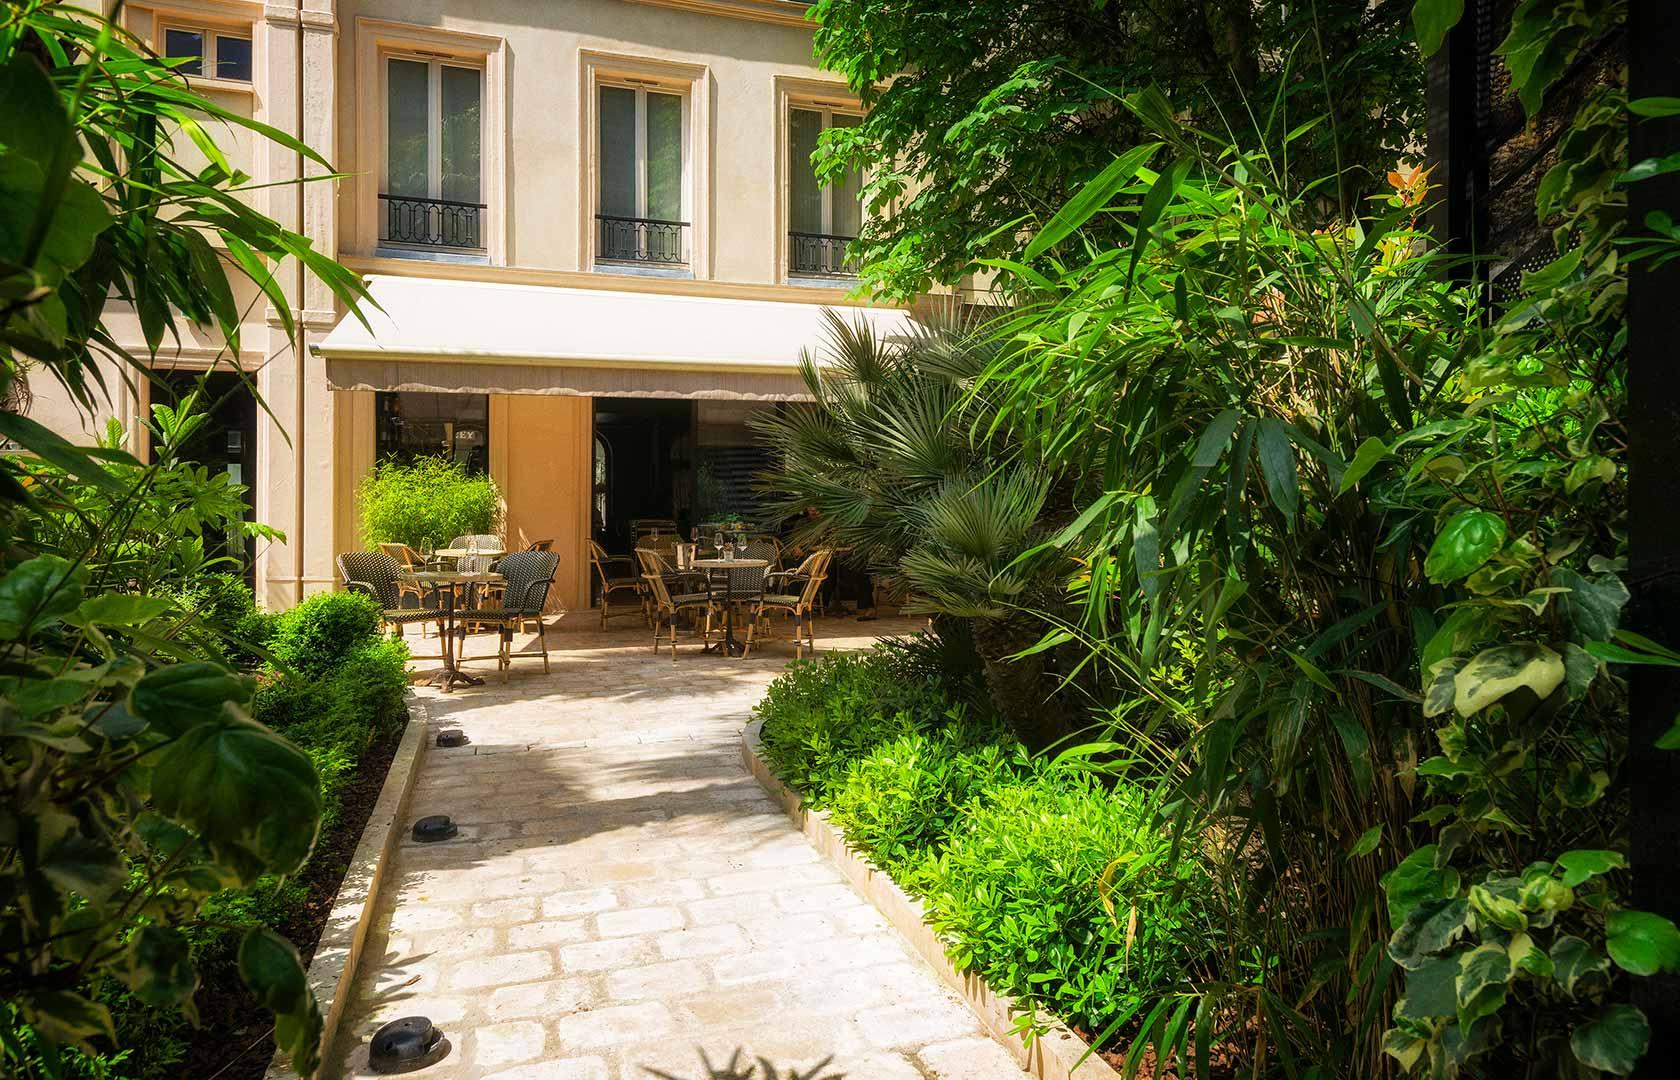 Jardin-Beausejour_270513_060_HD